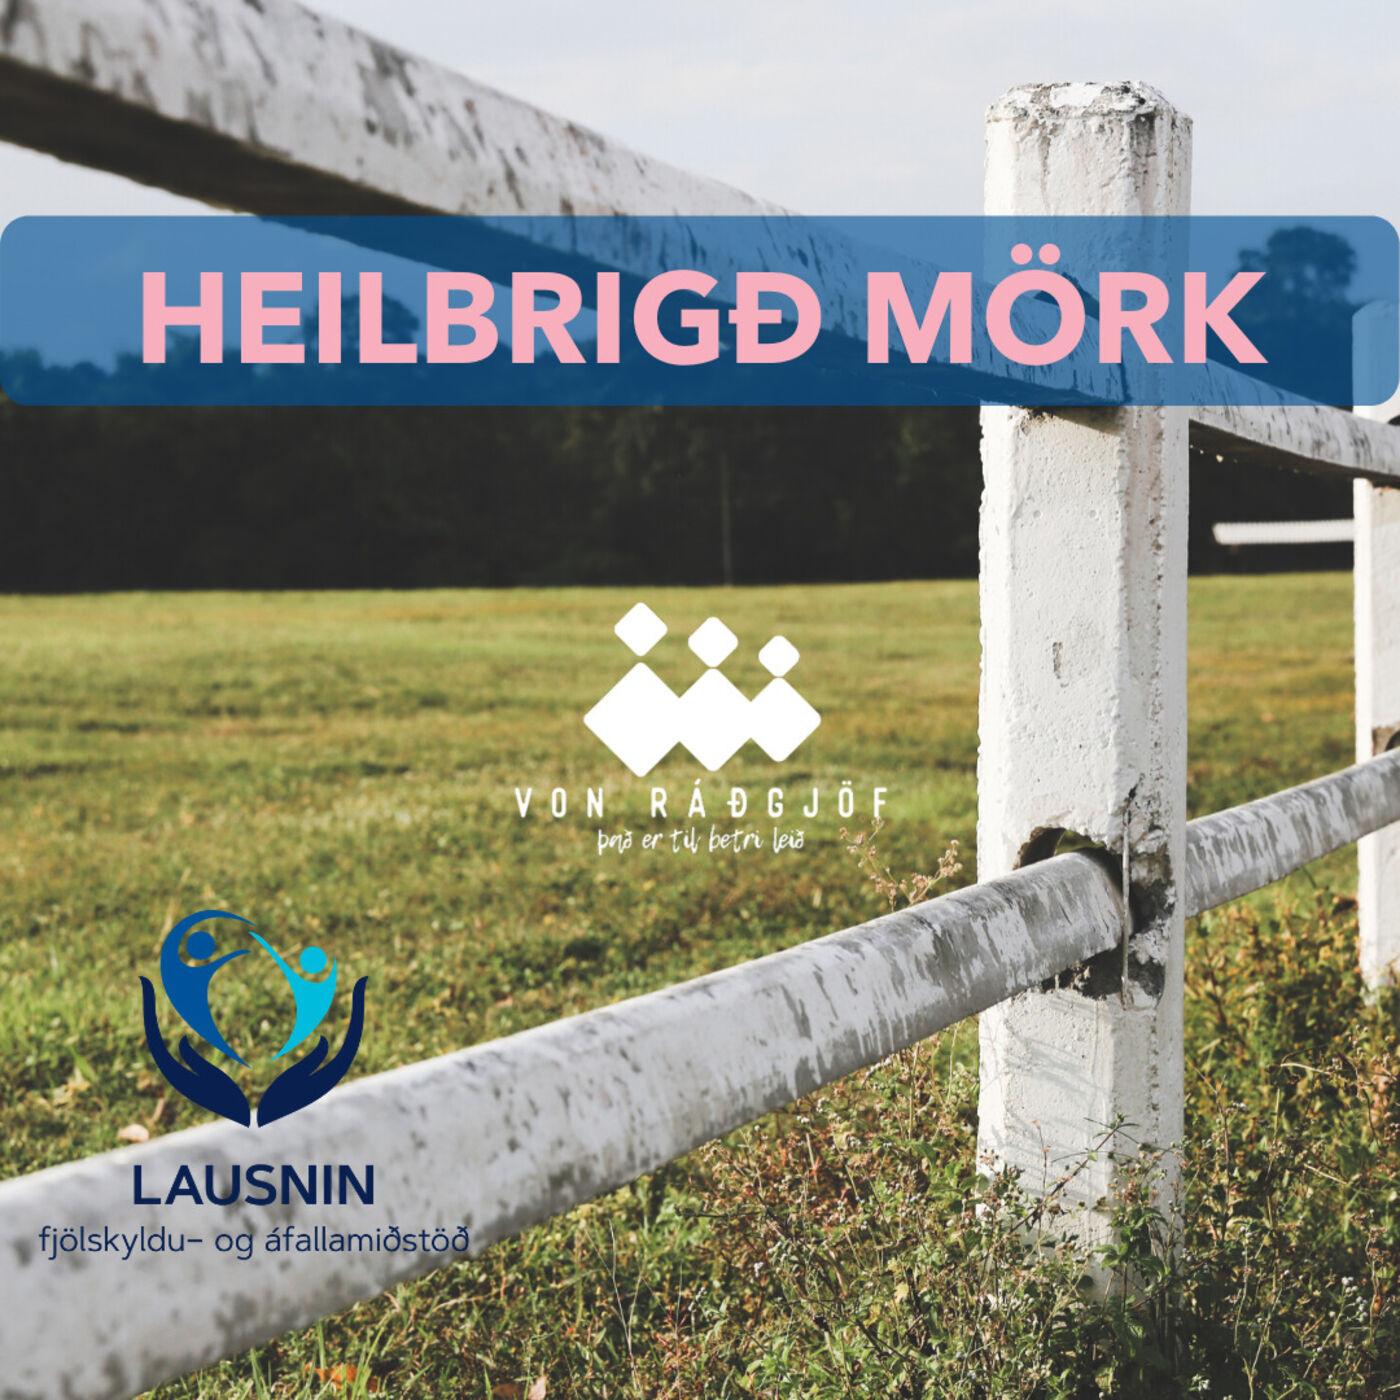 27. Heilbrigð Mörk